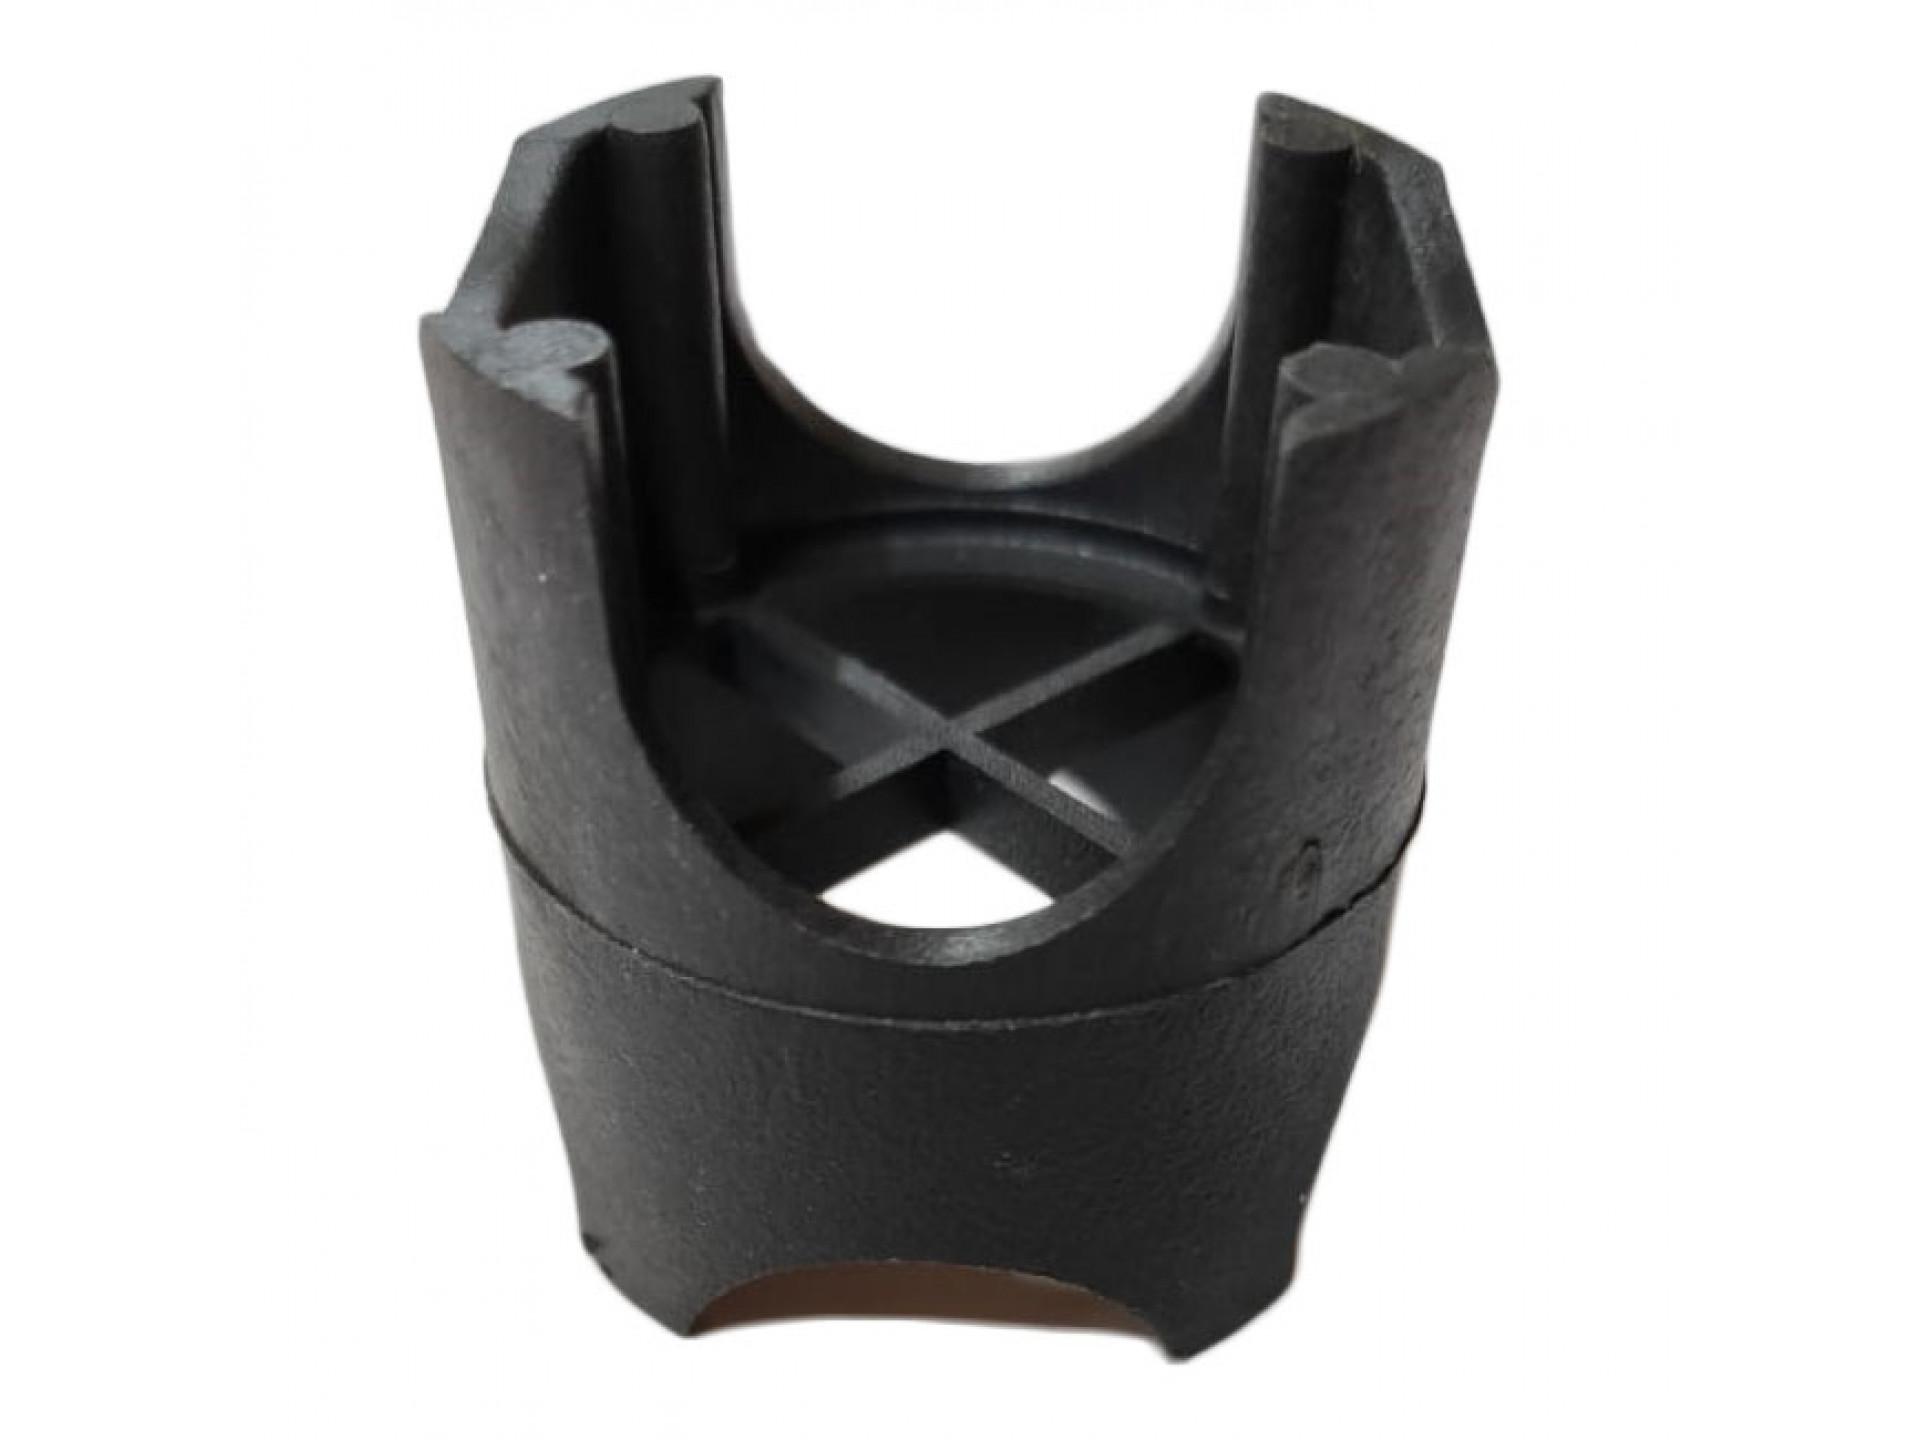 Фиксатор - стойка 40/25 для композитной арматуры в Саратове